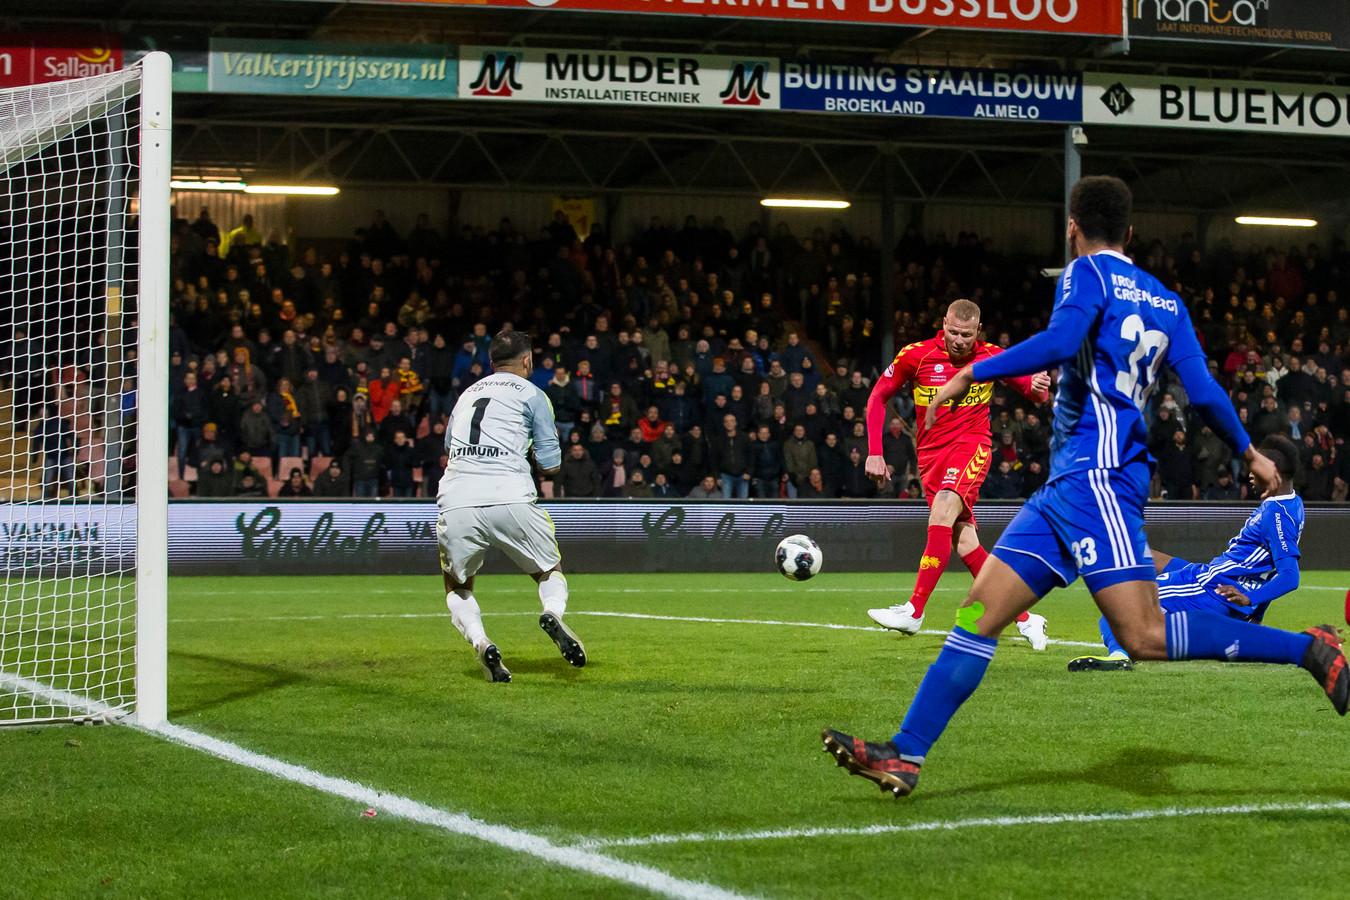 Keuken Kampioen Almelo : Fc den bosch blijft koploper in keuken kampioen divisie foto ad.nl